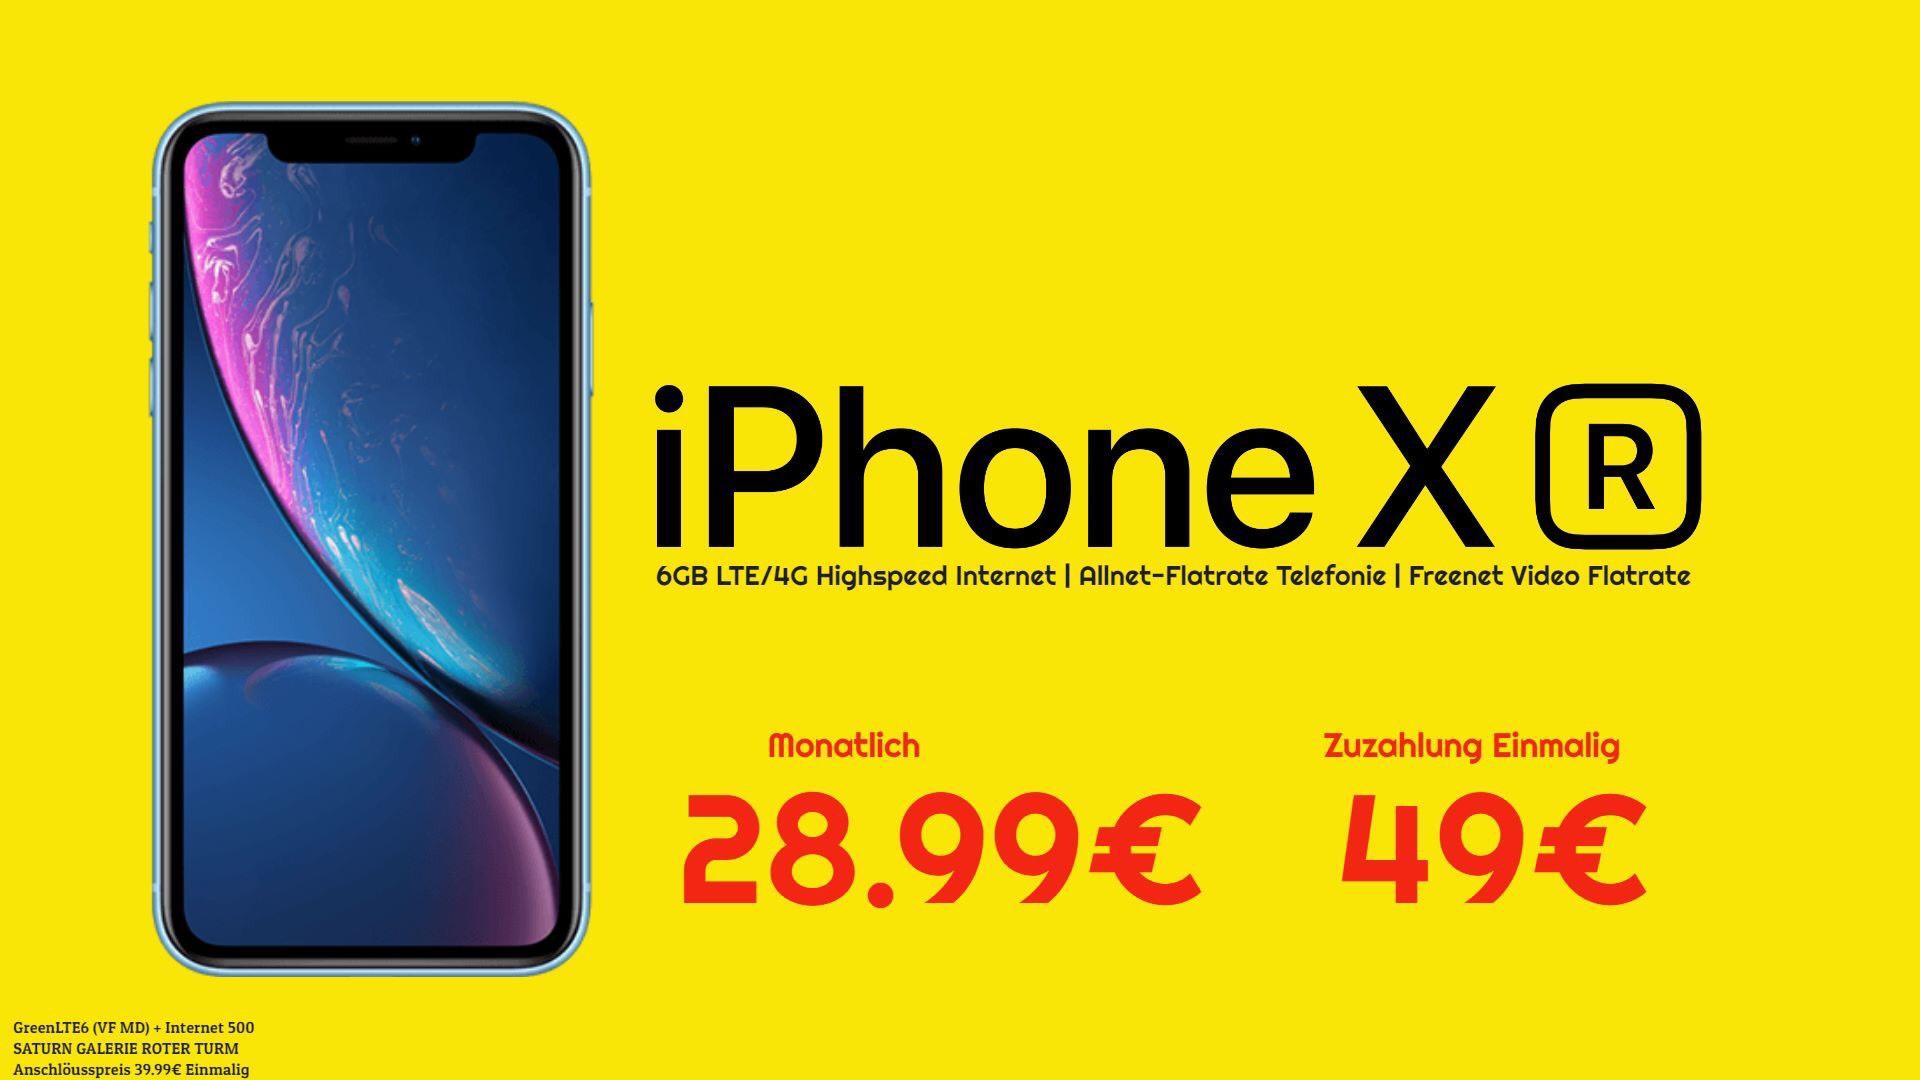 Apple iPhone XR 64GB + 6GB LTE Allnet VF (Lokal)